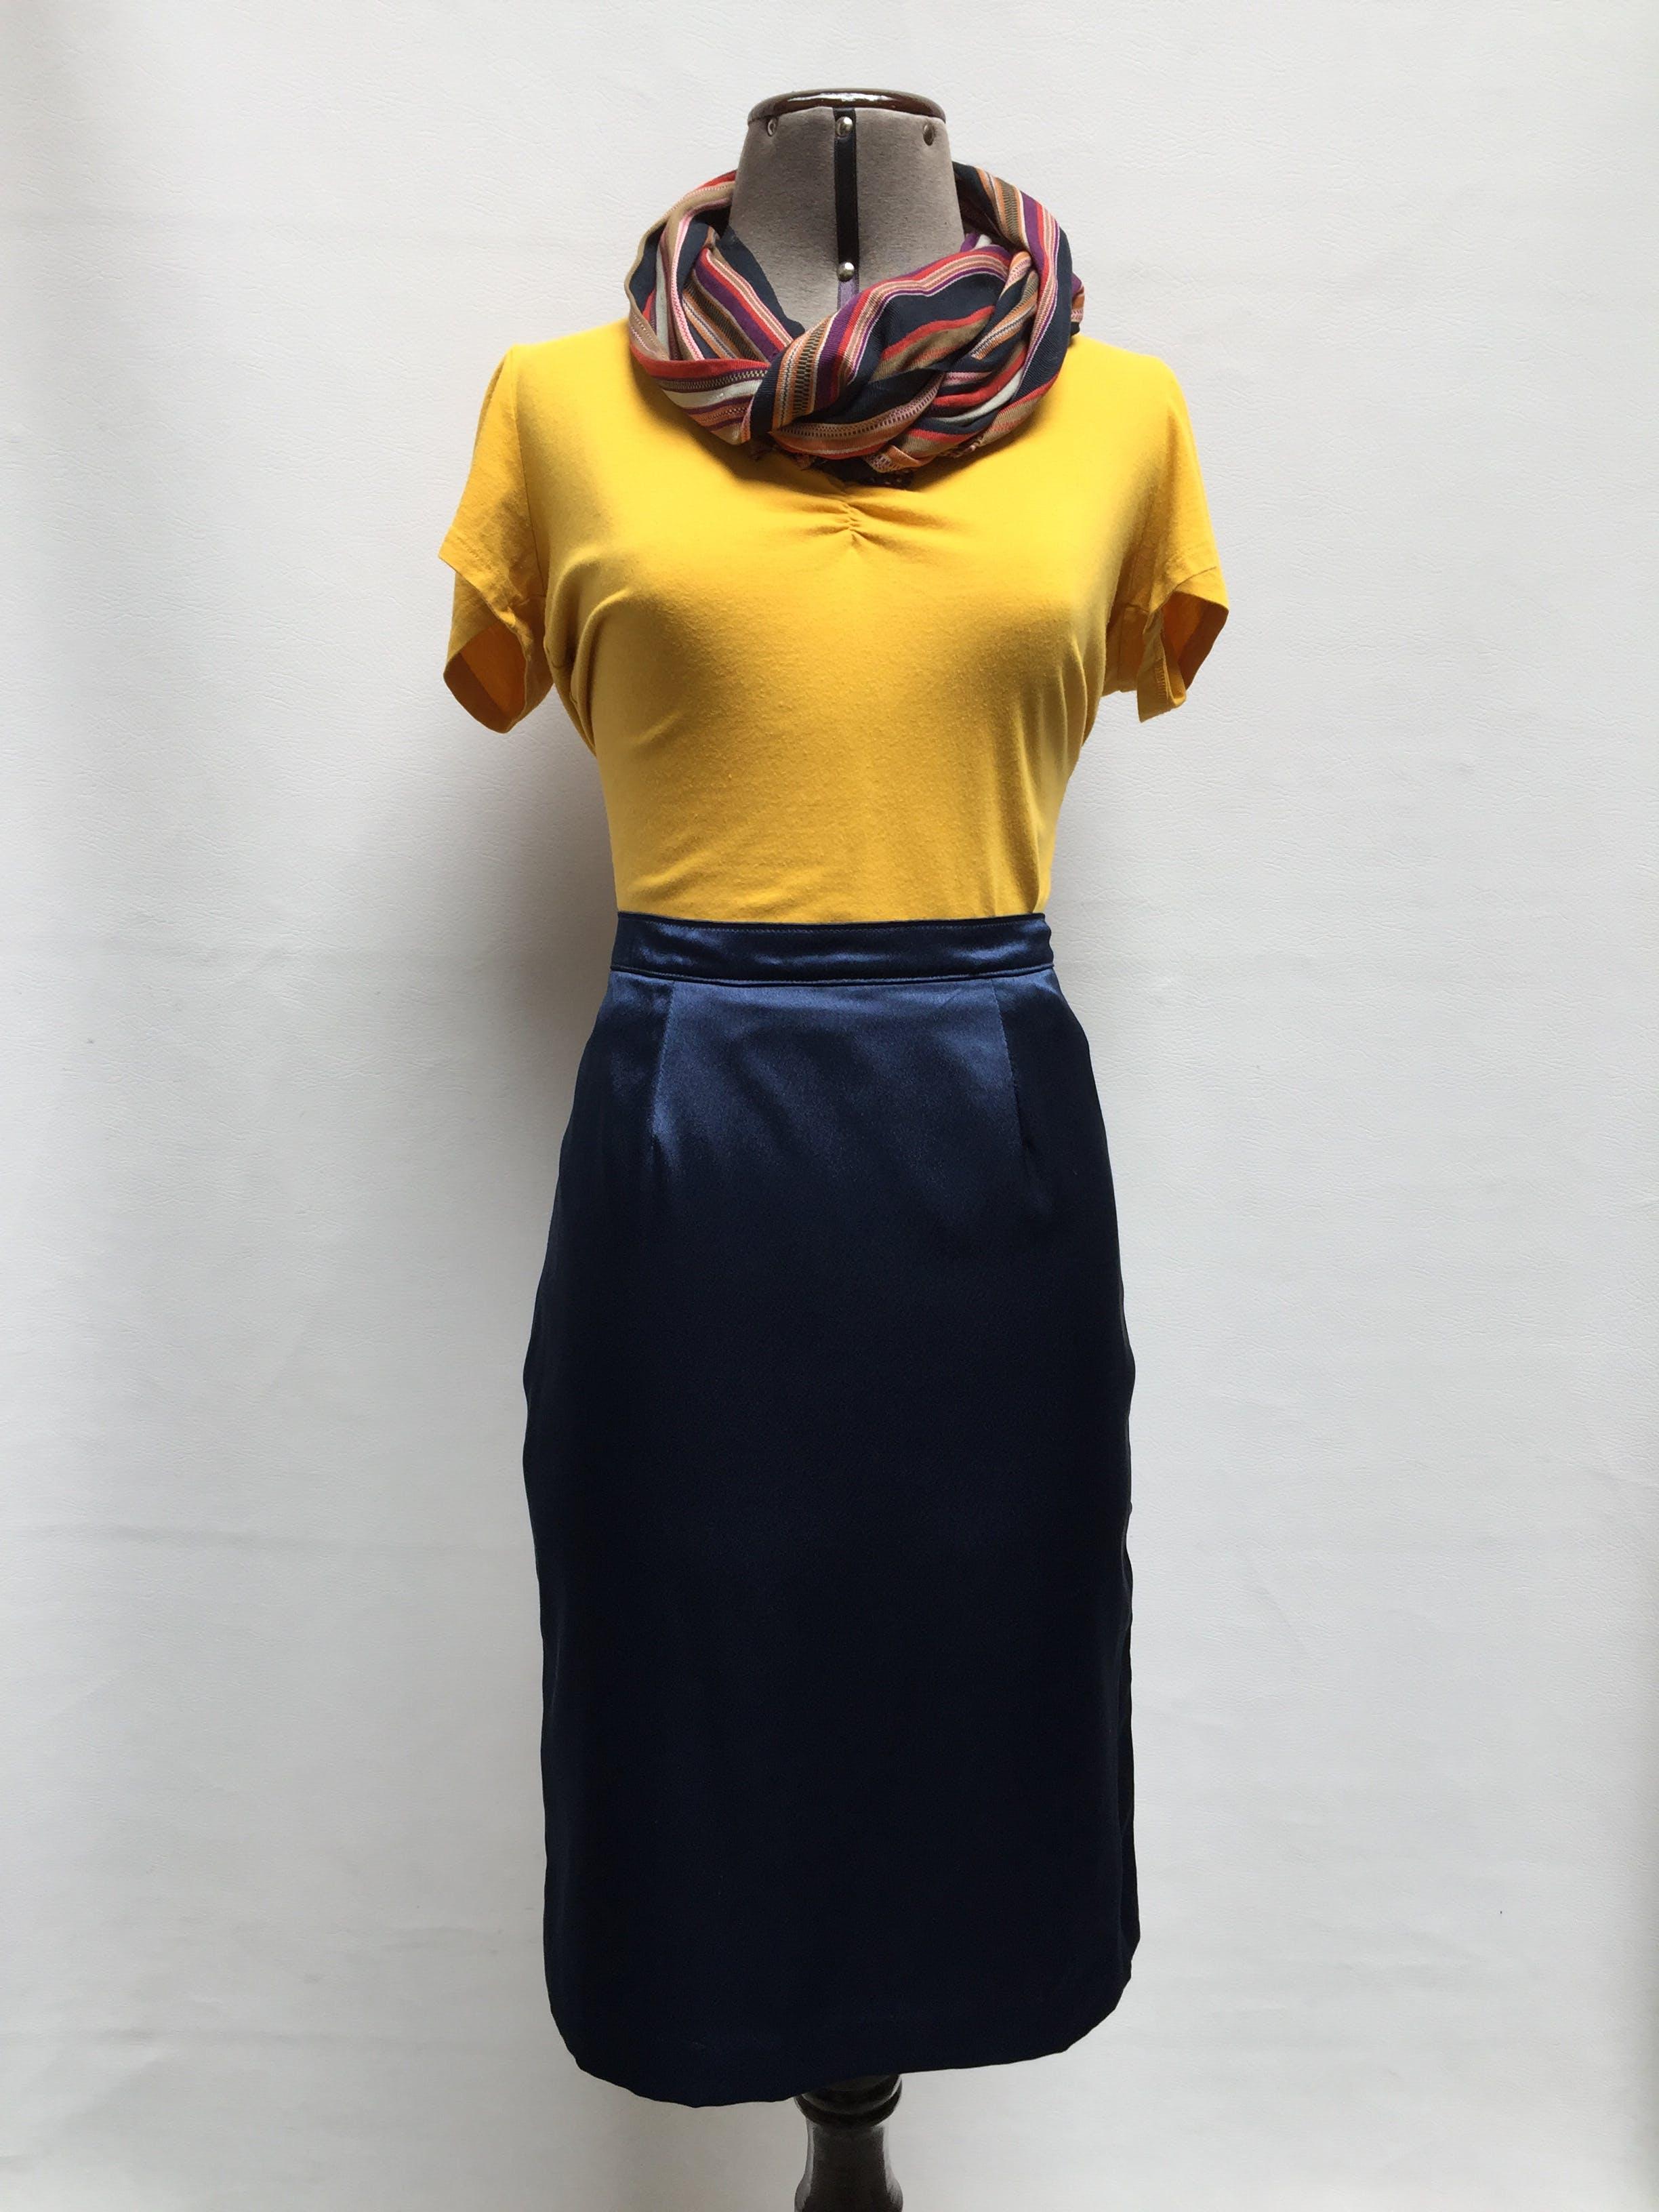 Falda satinada azul, corte recto a la rodilla, con abertura posterior y forro. Talla M